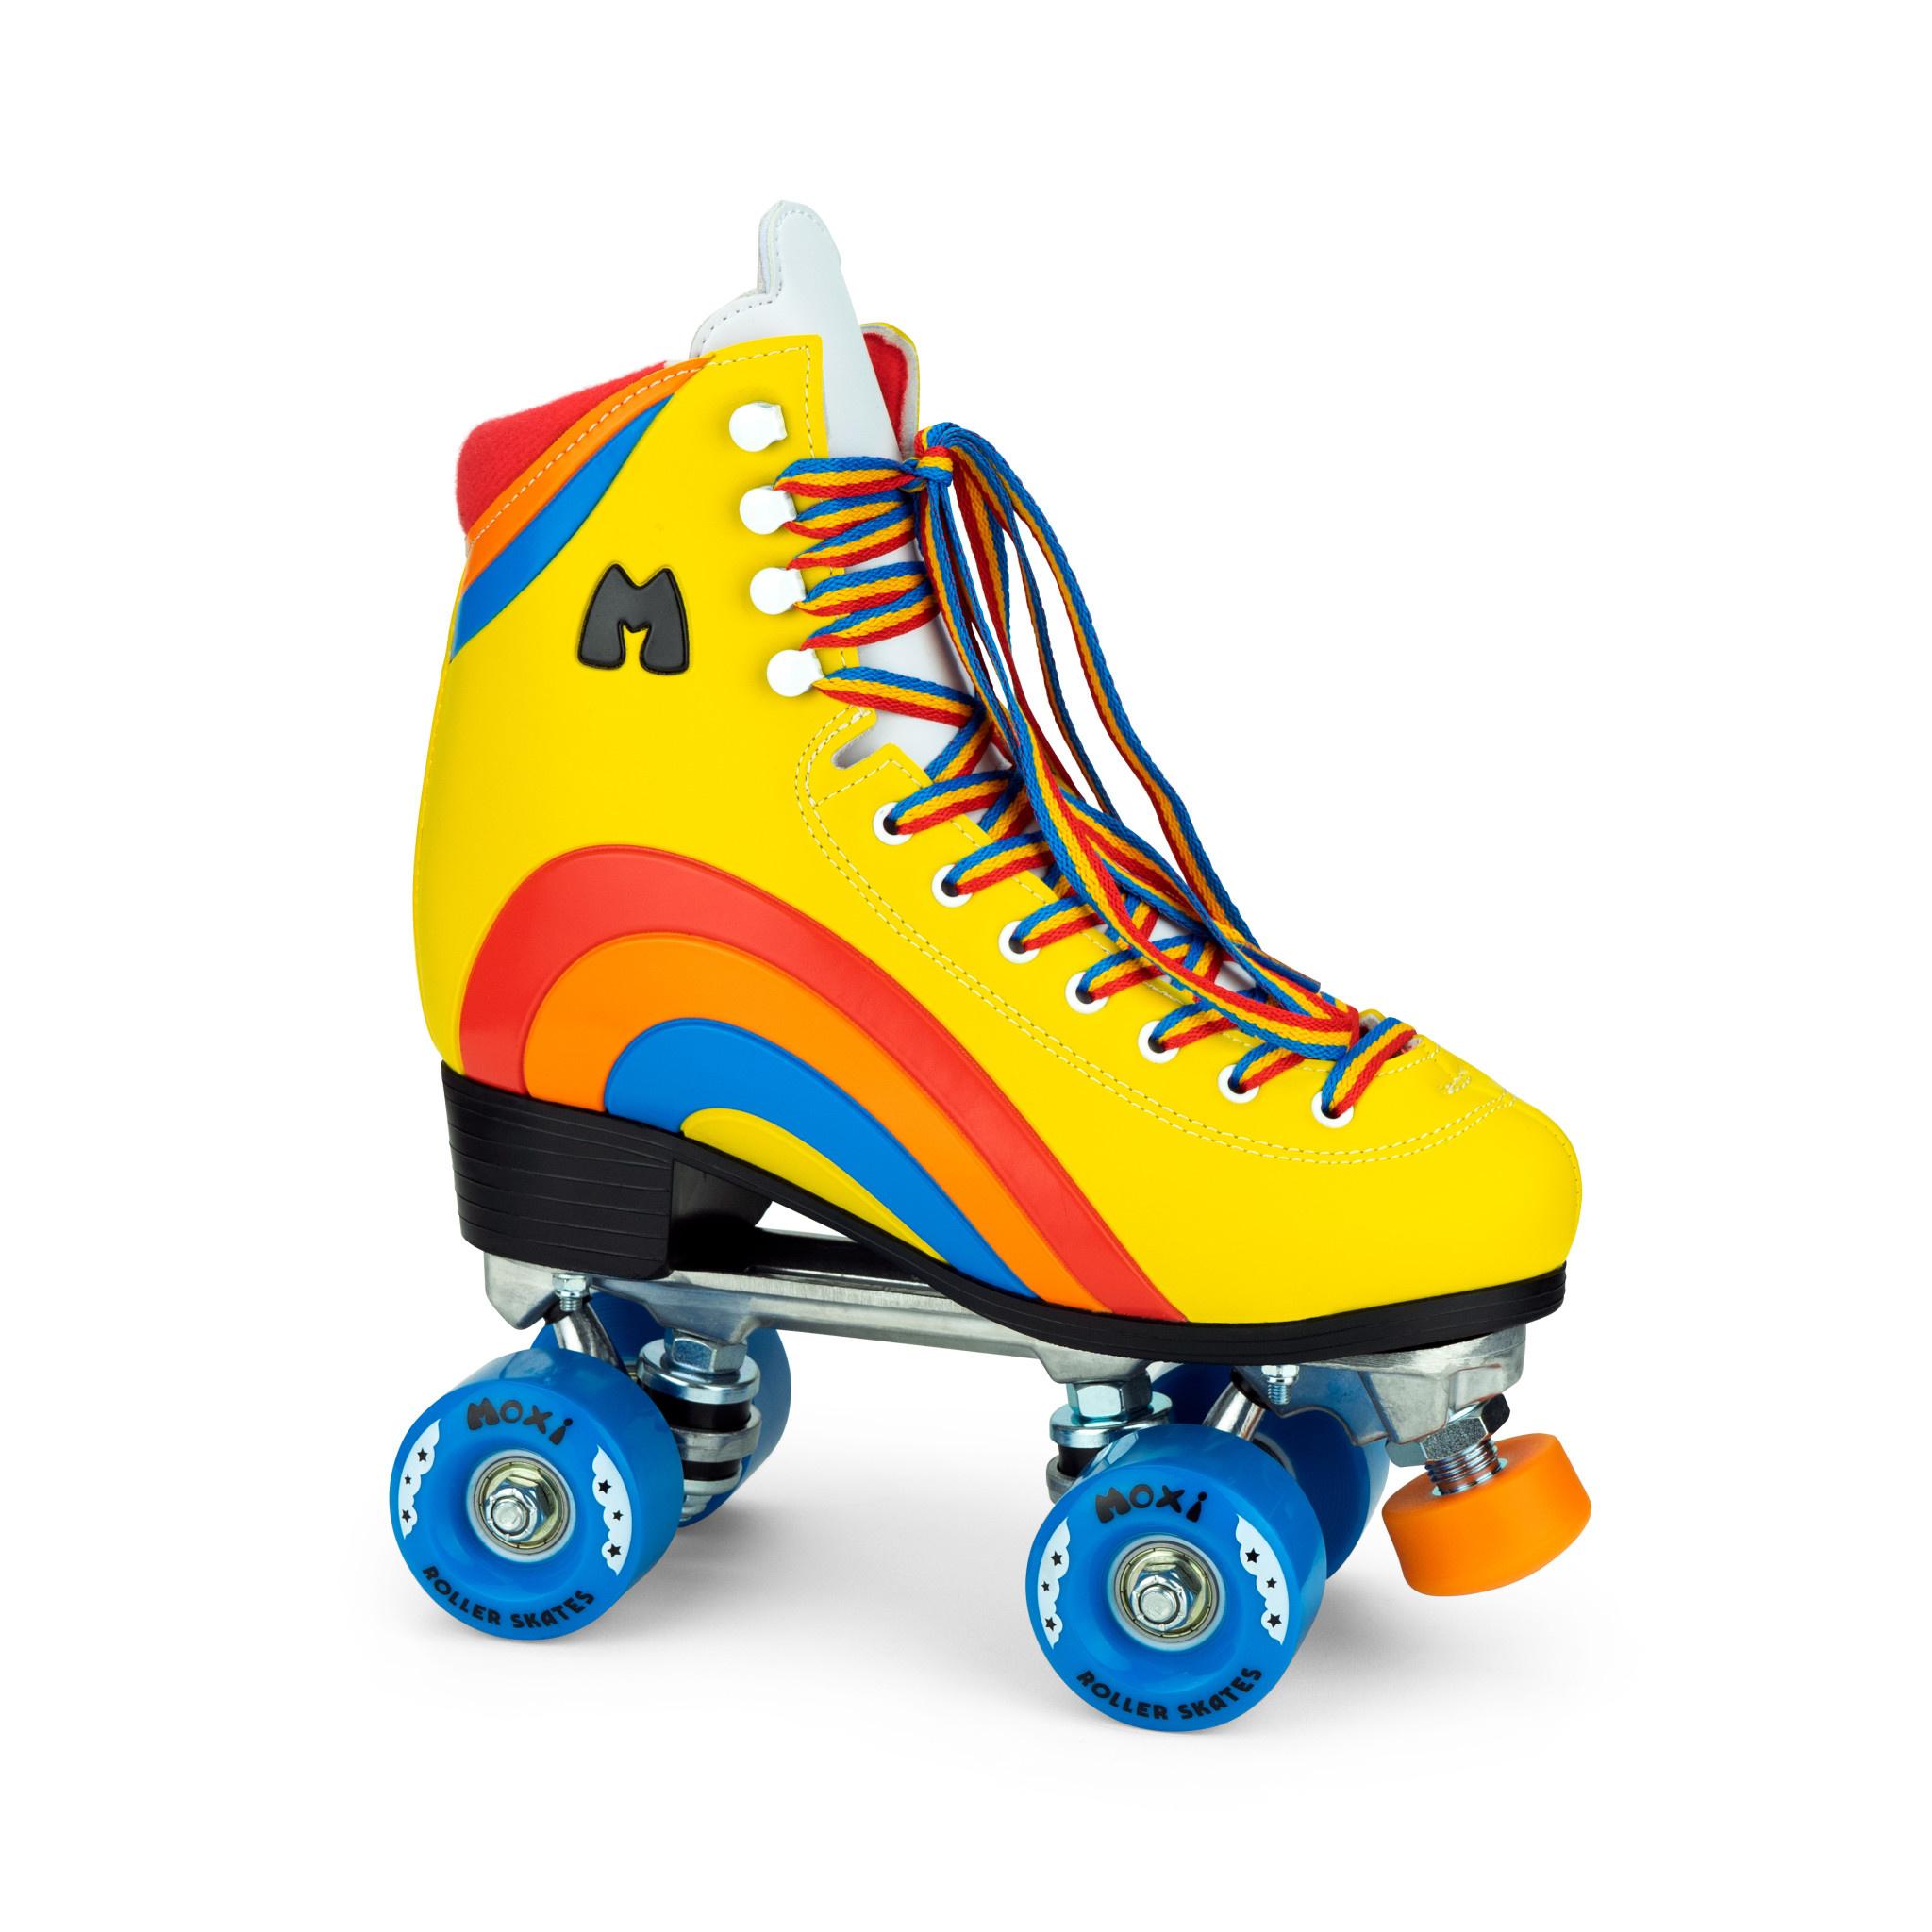 Moxi Rainbow Rider